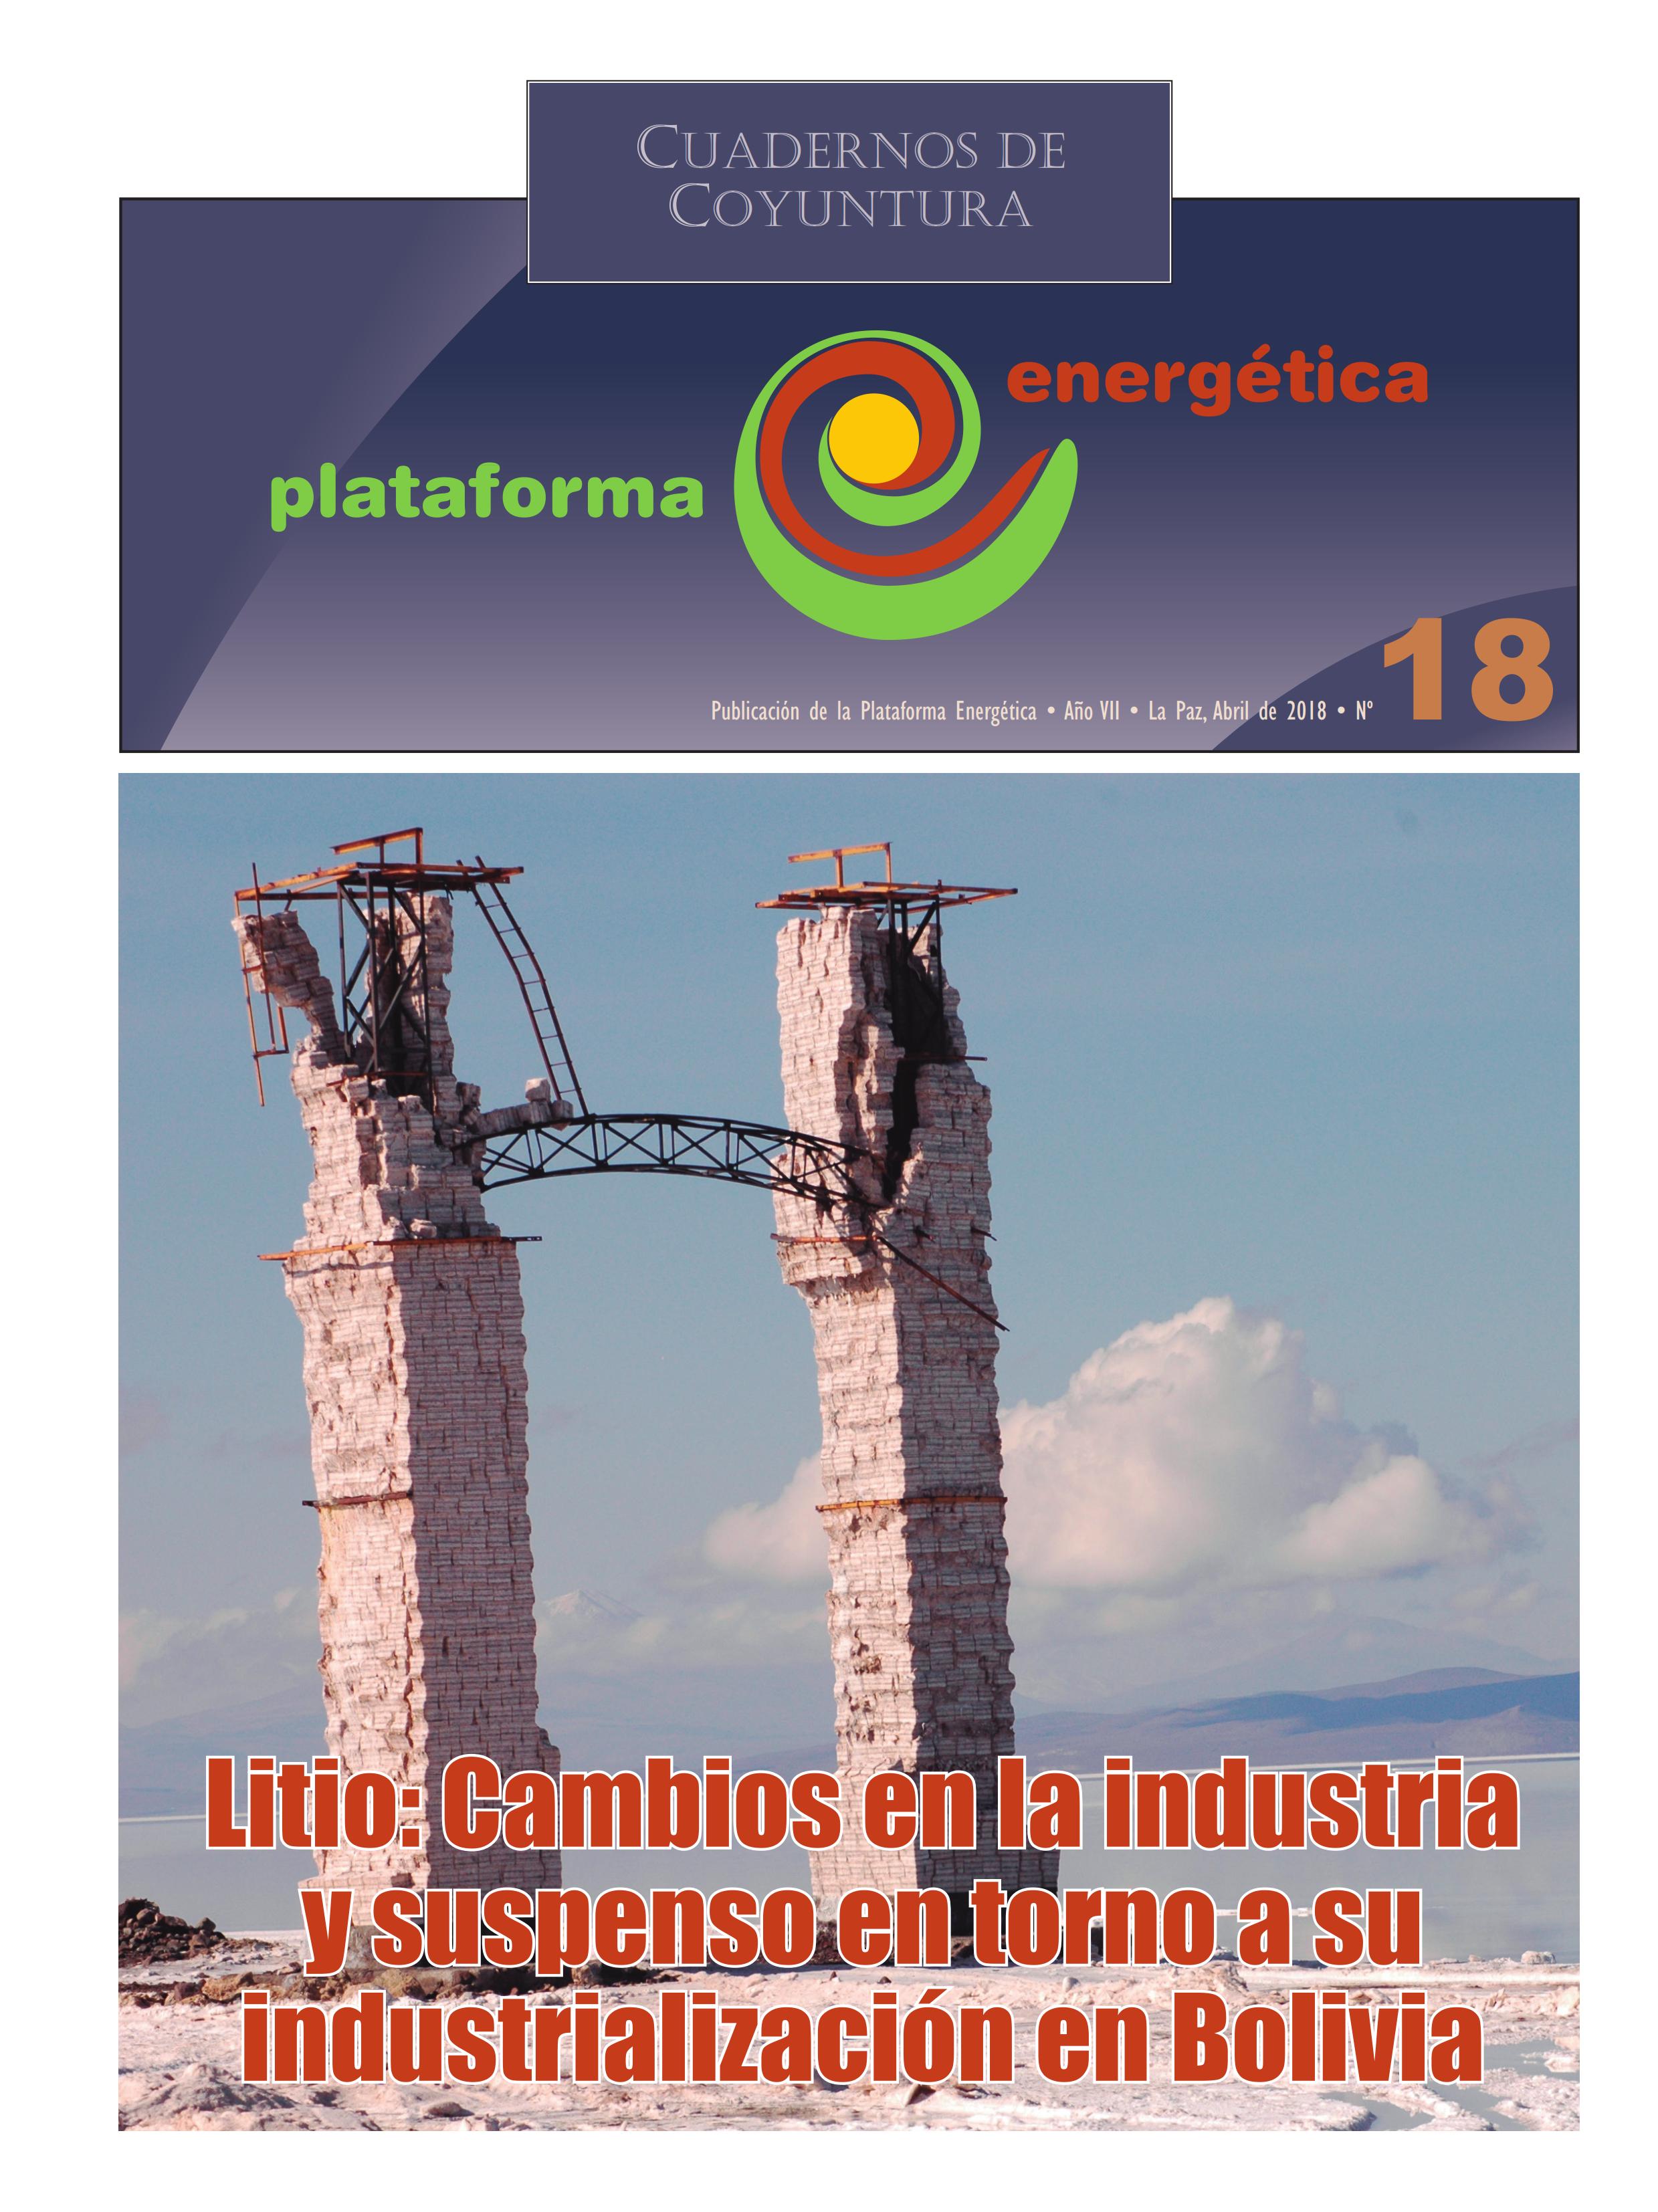 cdc_18_esp_litio_cambios_en_la_industria_y_suspenso_en_torno_a_su_industrializacion_en_bolivia_001.png